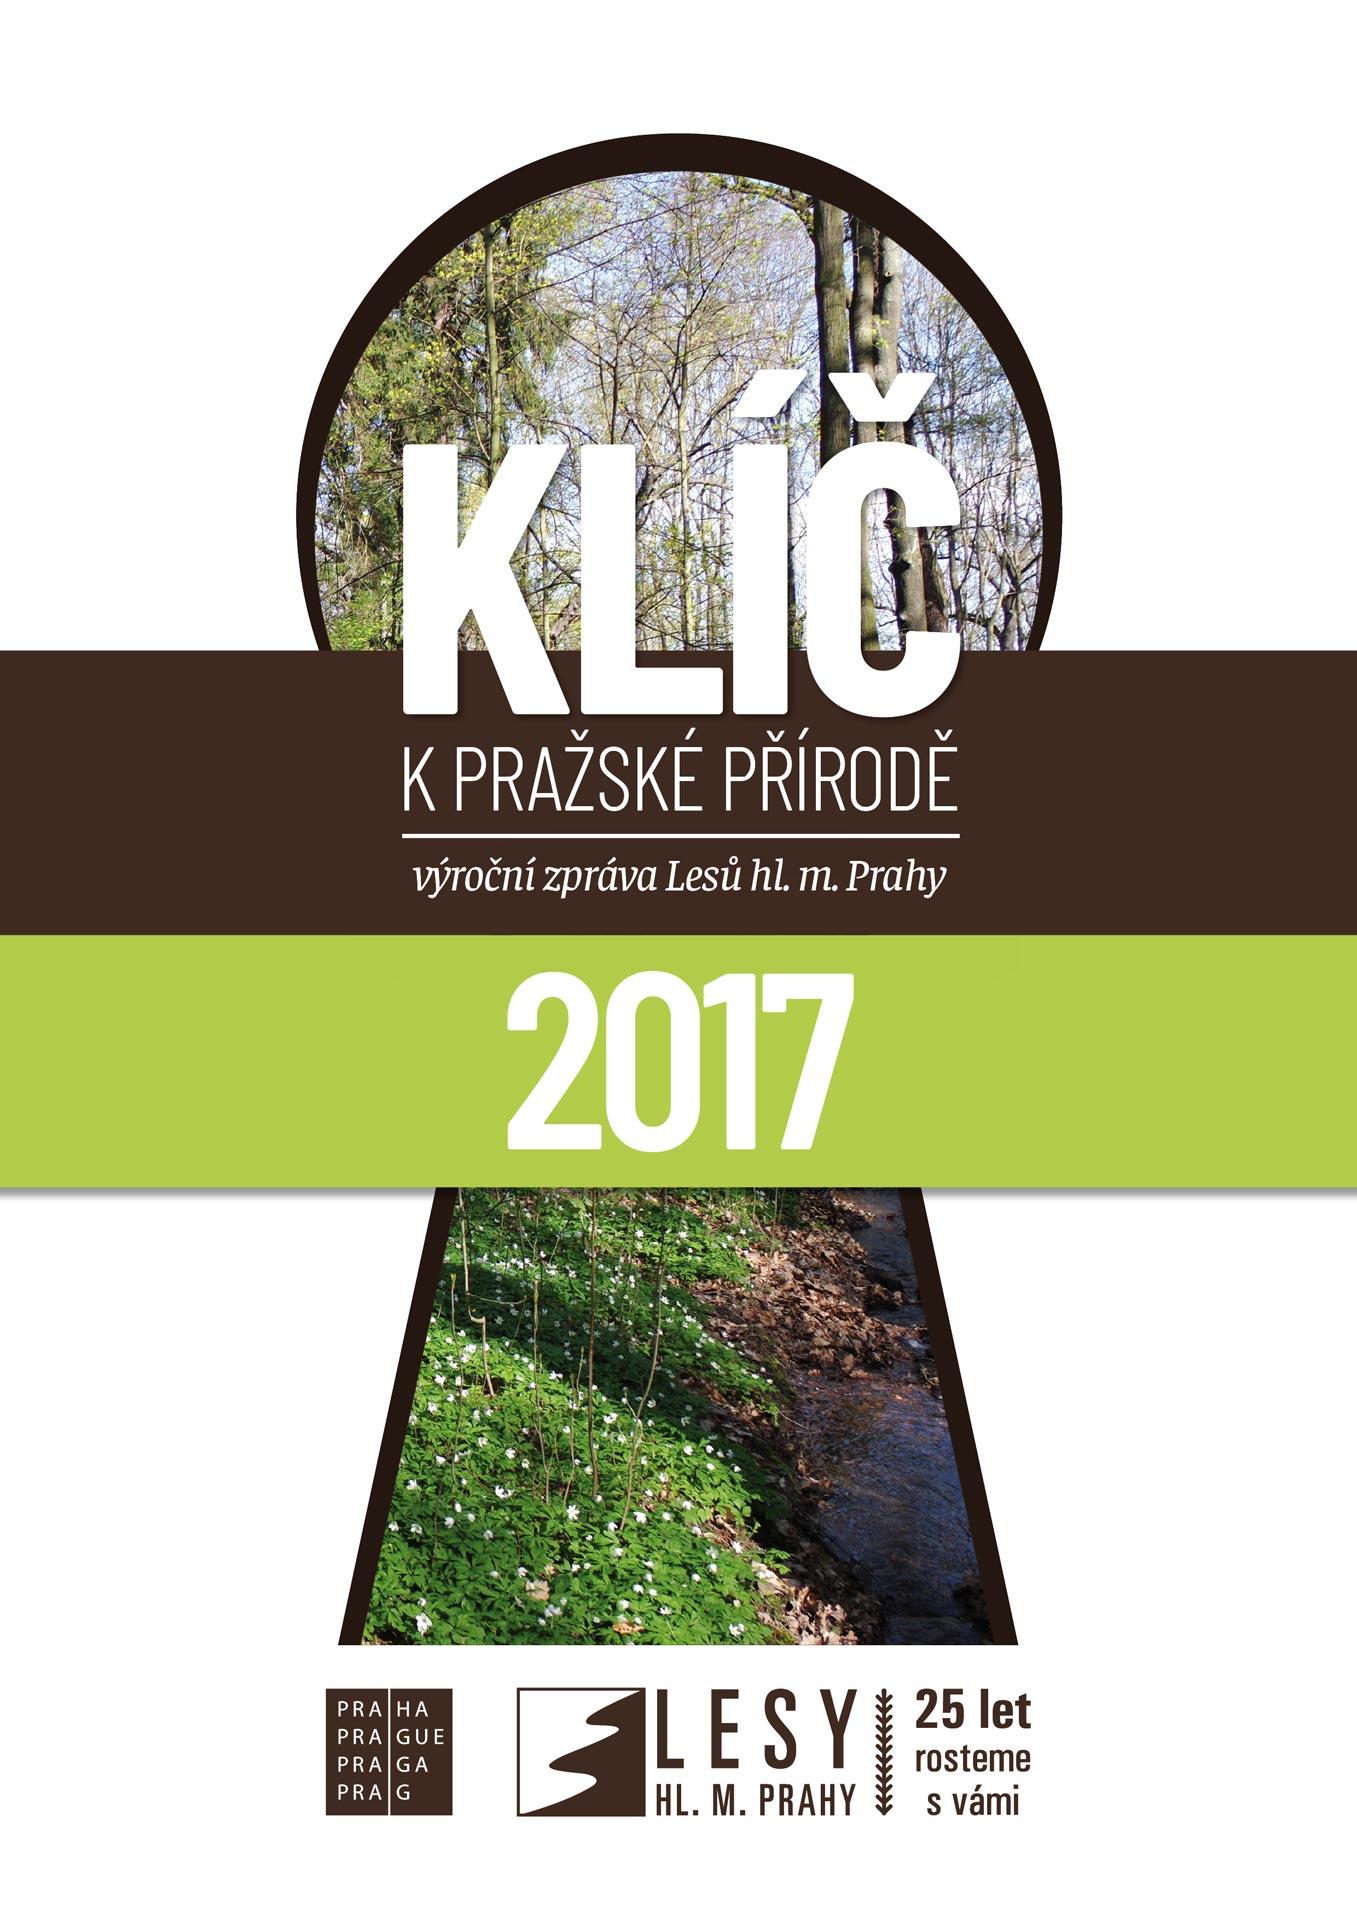 výroční zpráva LHMP za rok 2017